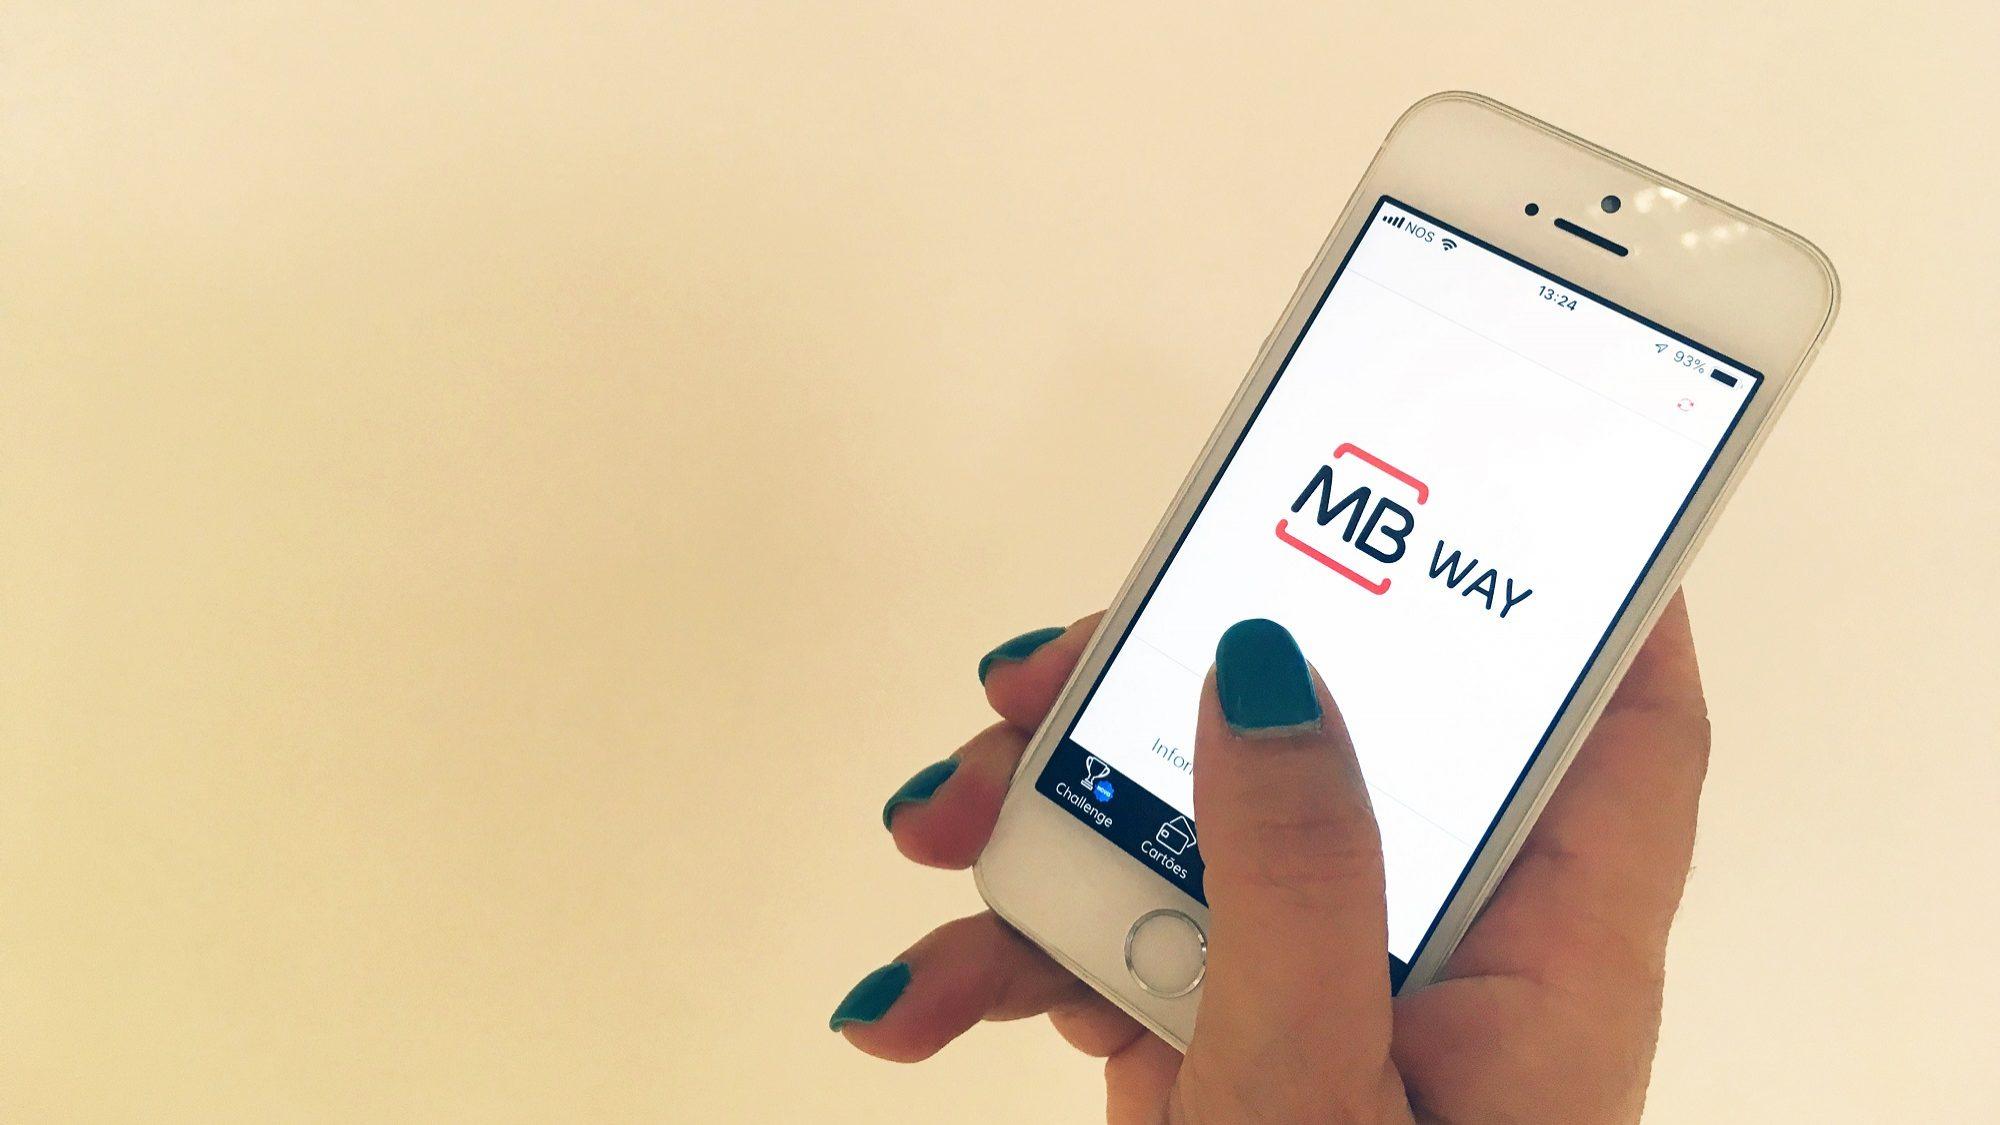 MB Way já tem mais de um milhão de utilizadores